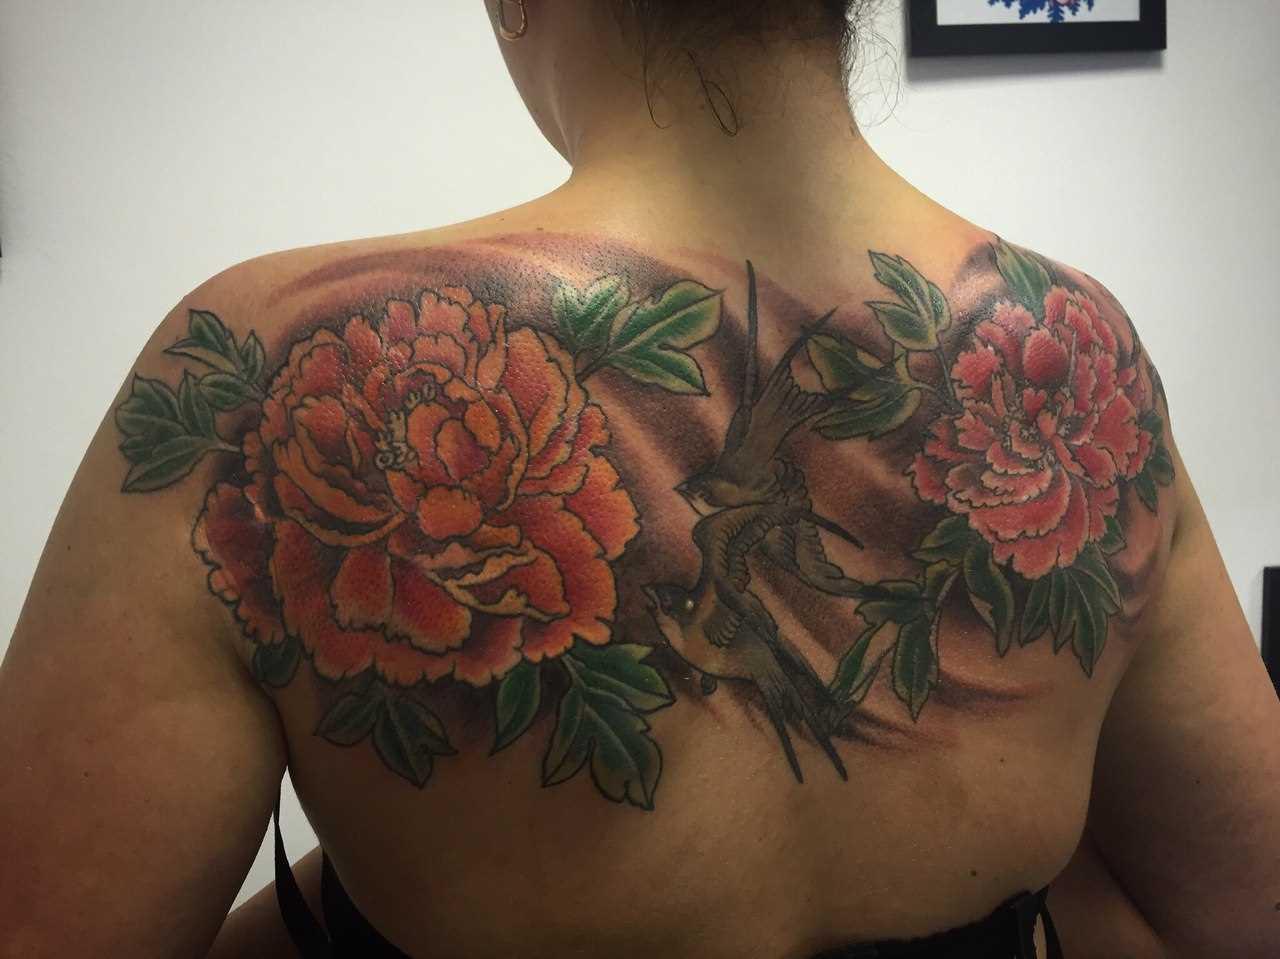 A tatuagem nas costas de uma menina - flores e andorinhas